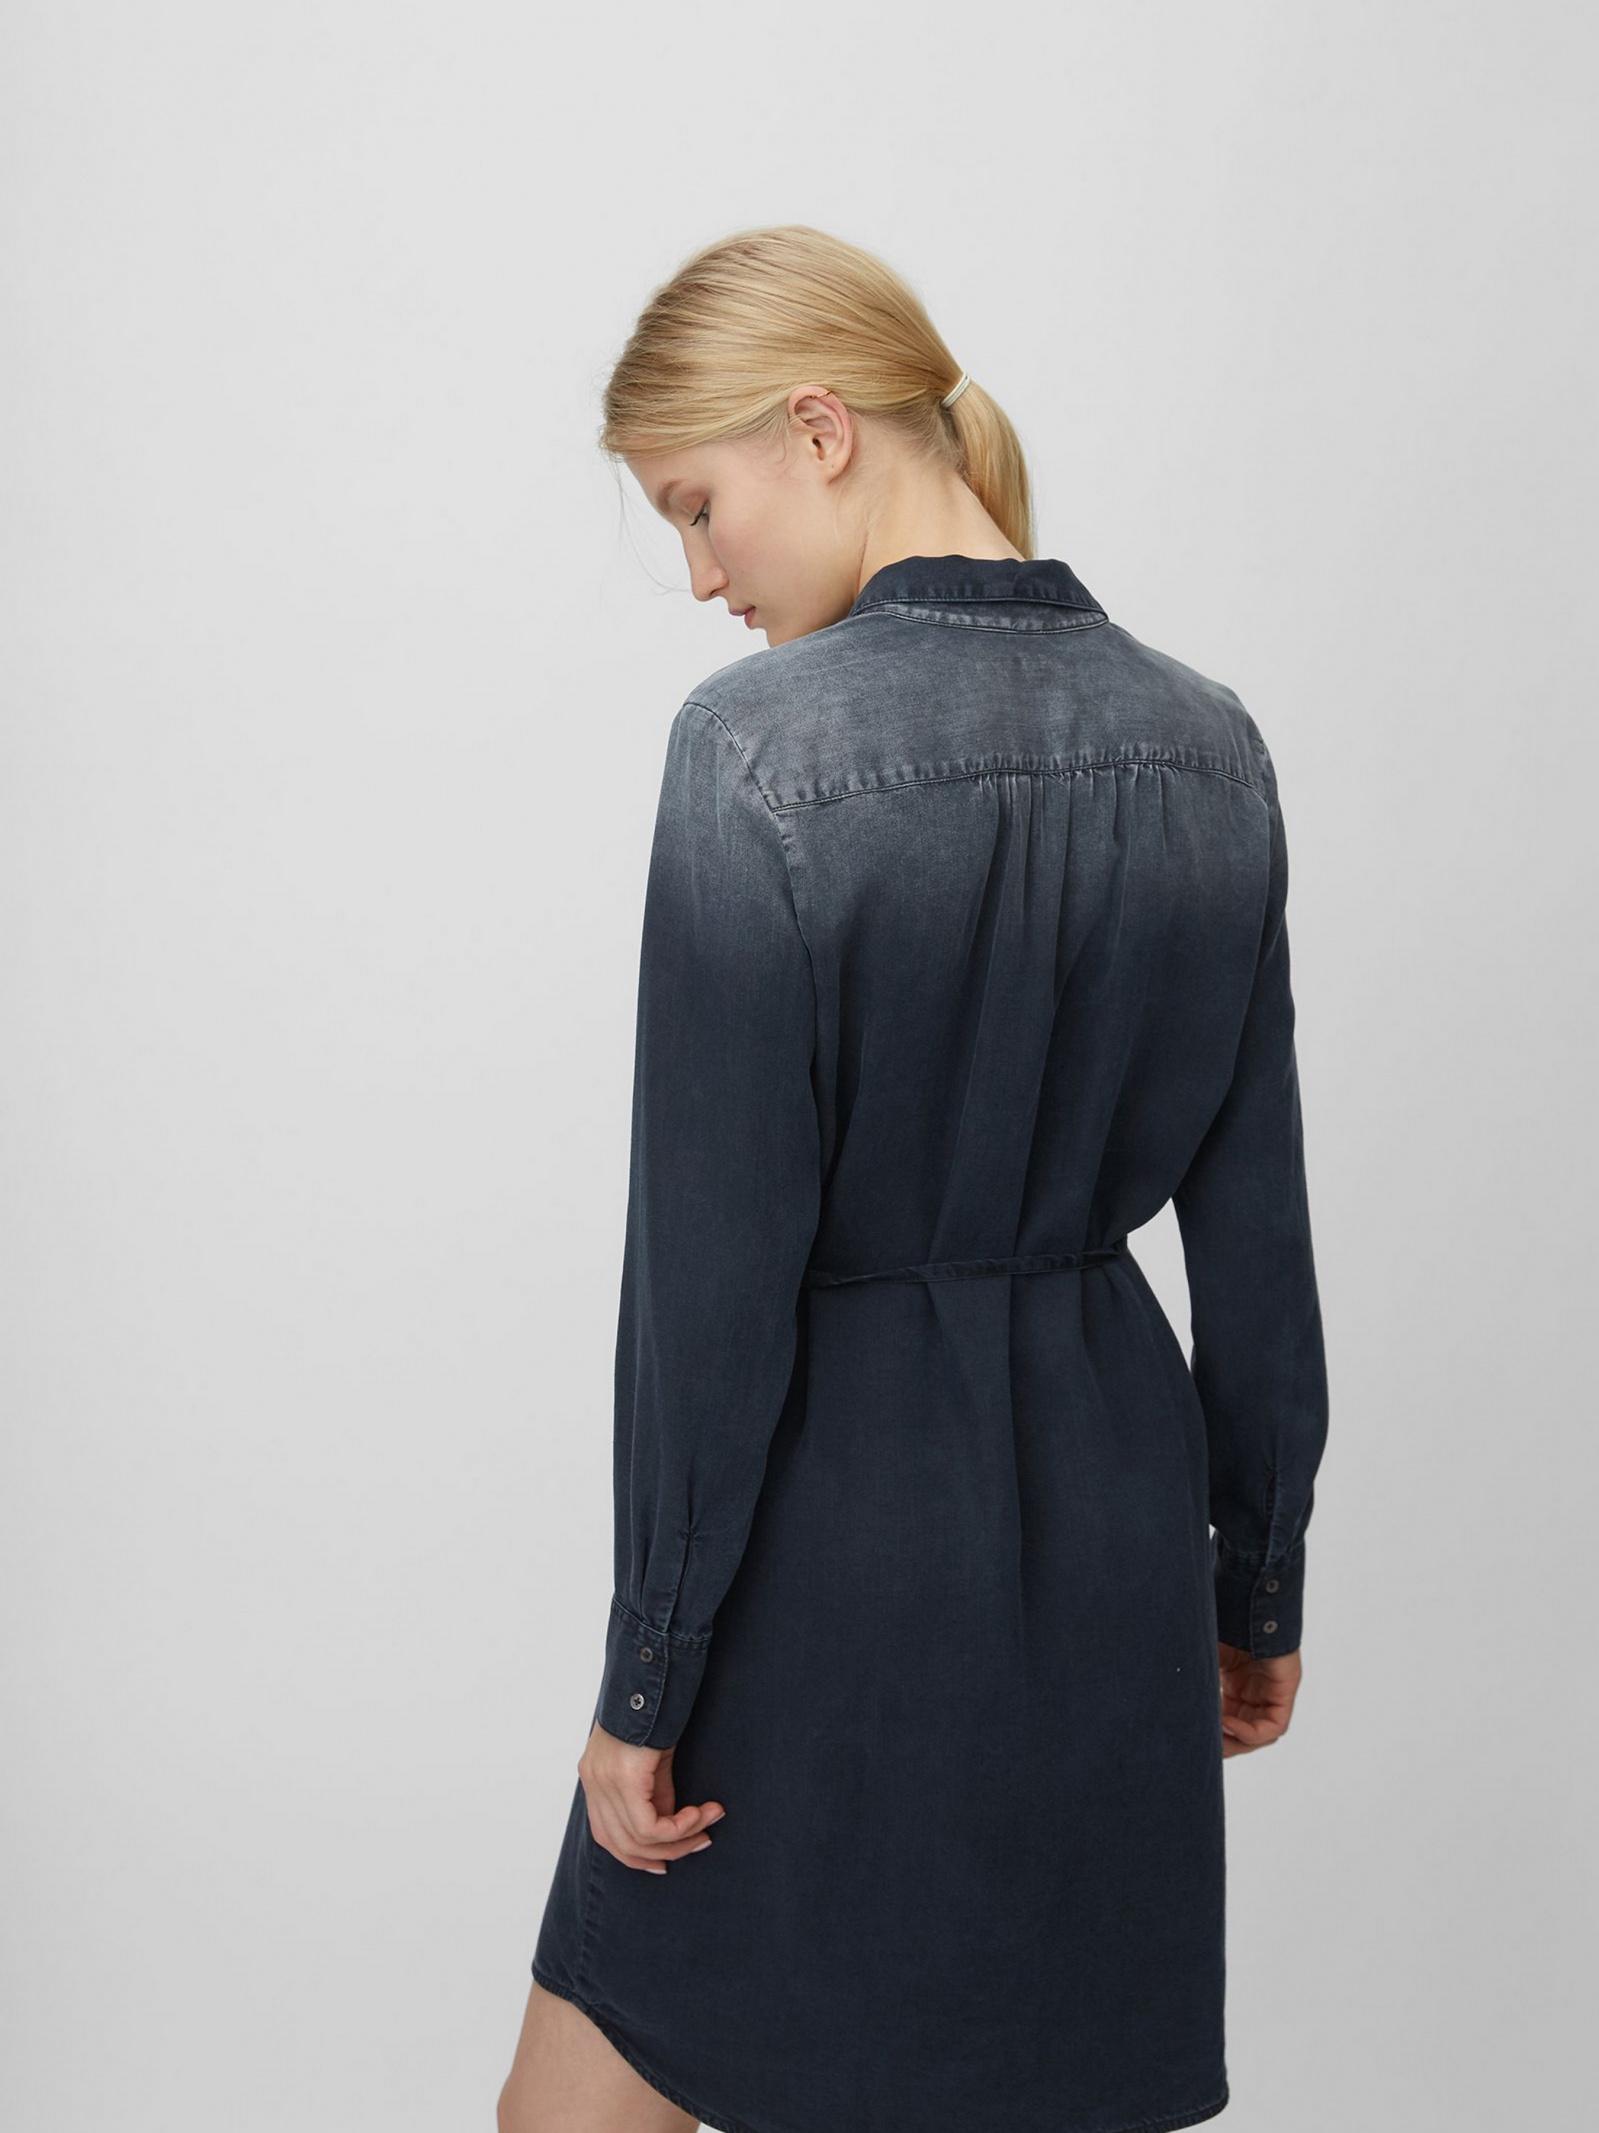 MARC O'POLO Сукня жіночі модель 001915721205-881 характеристики, 2017